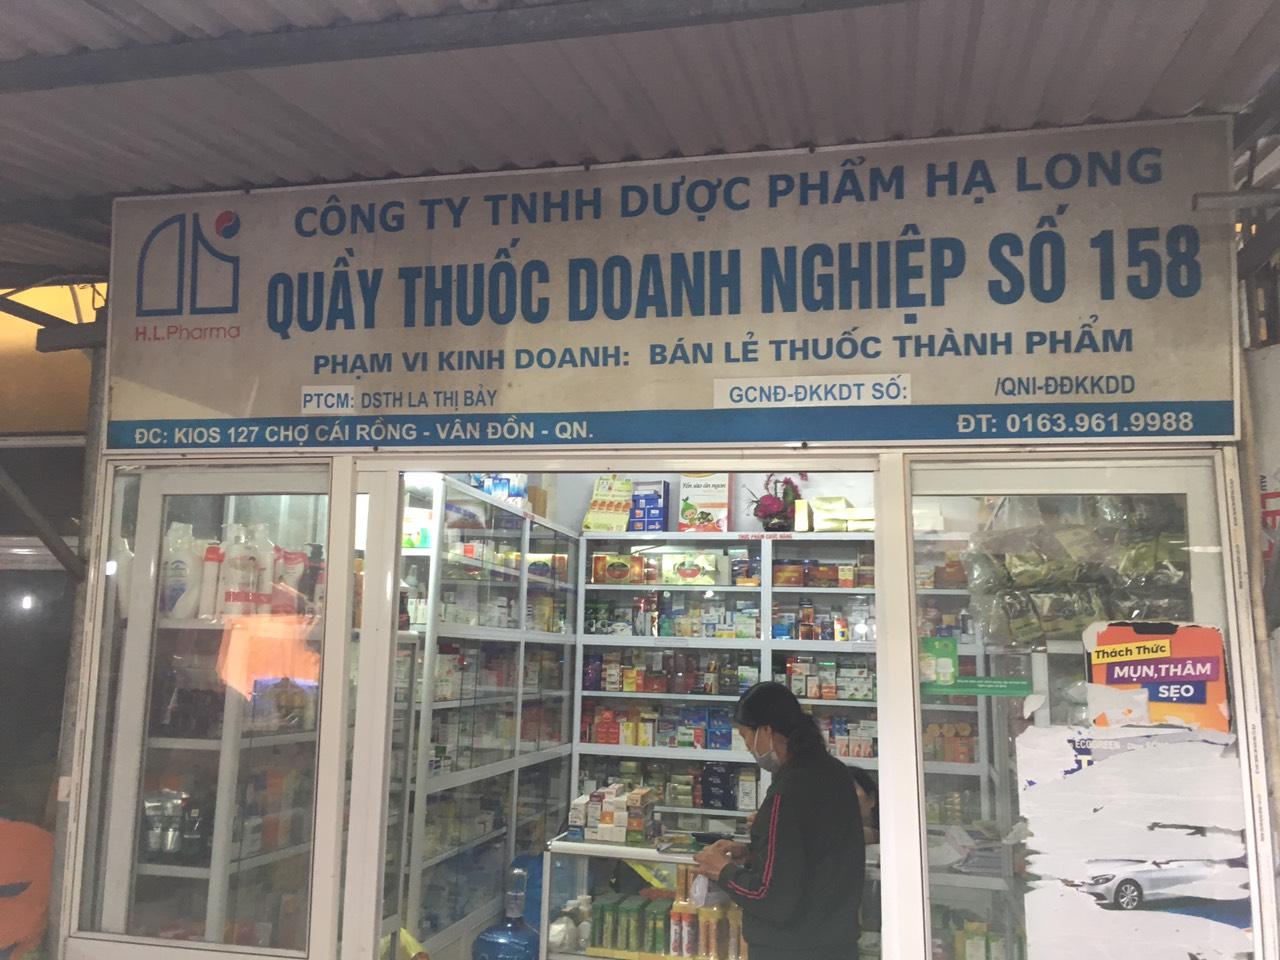 Công ty TNHH Dược phẩm Hạ Long - Quầy thuốc doanh Nghiệp số 158